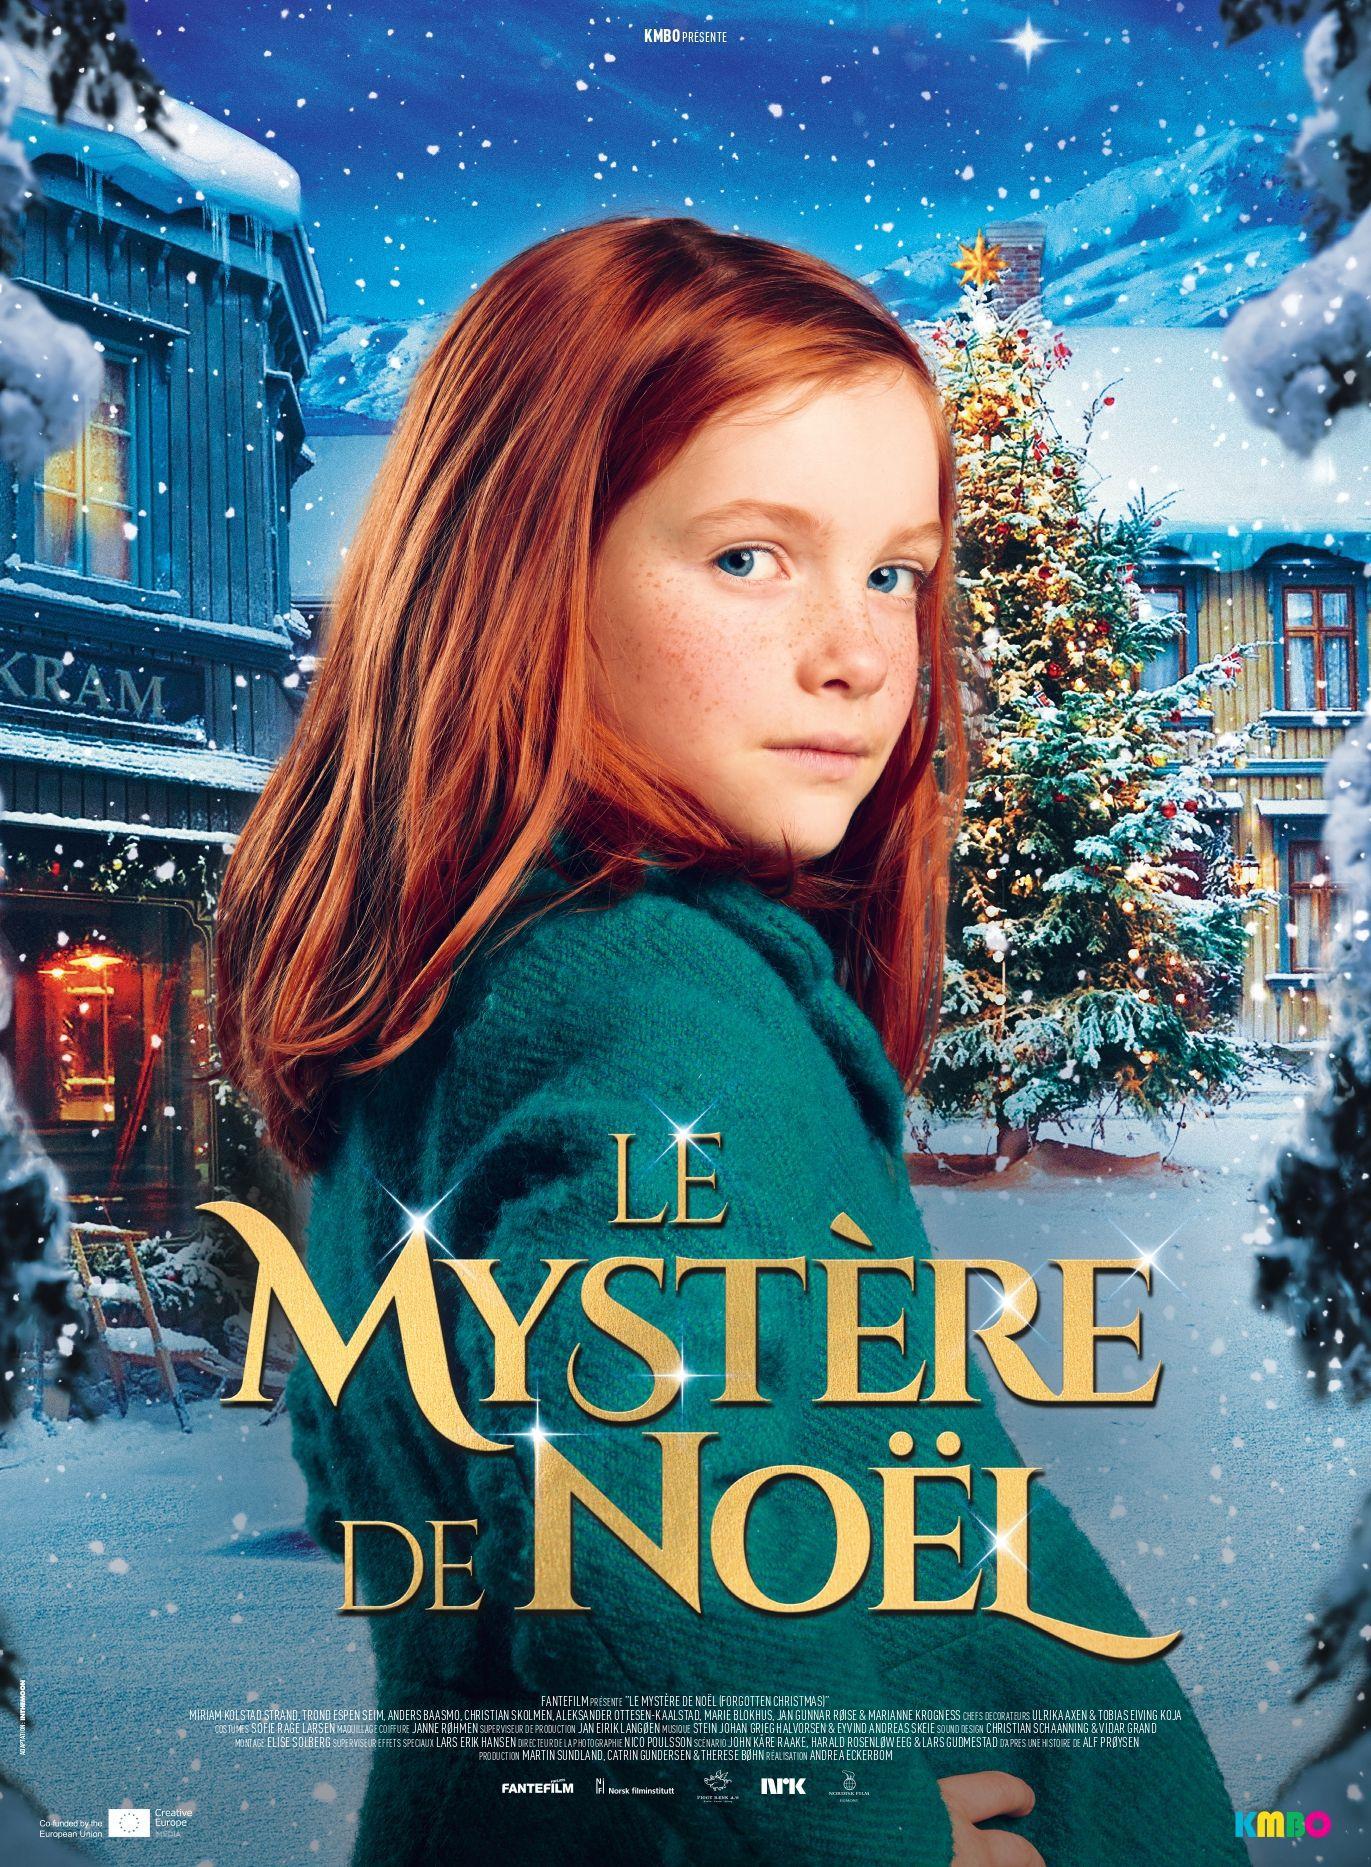 Le Mystère de Noël - Film (2020)